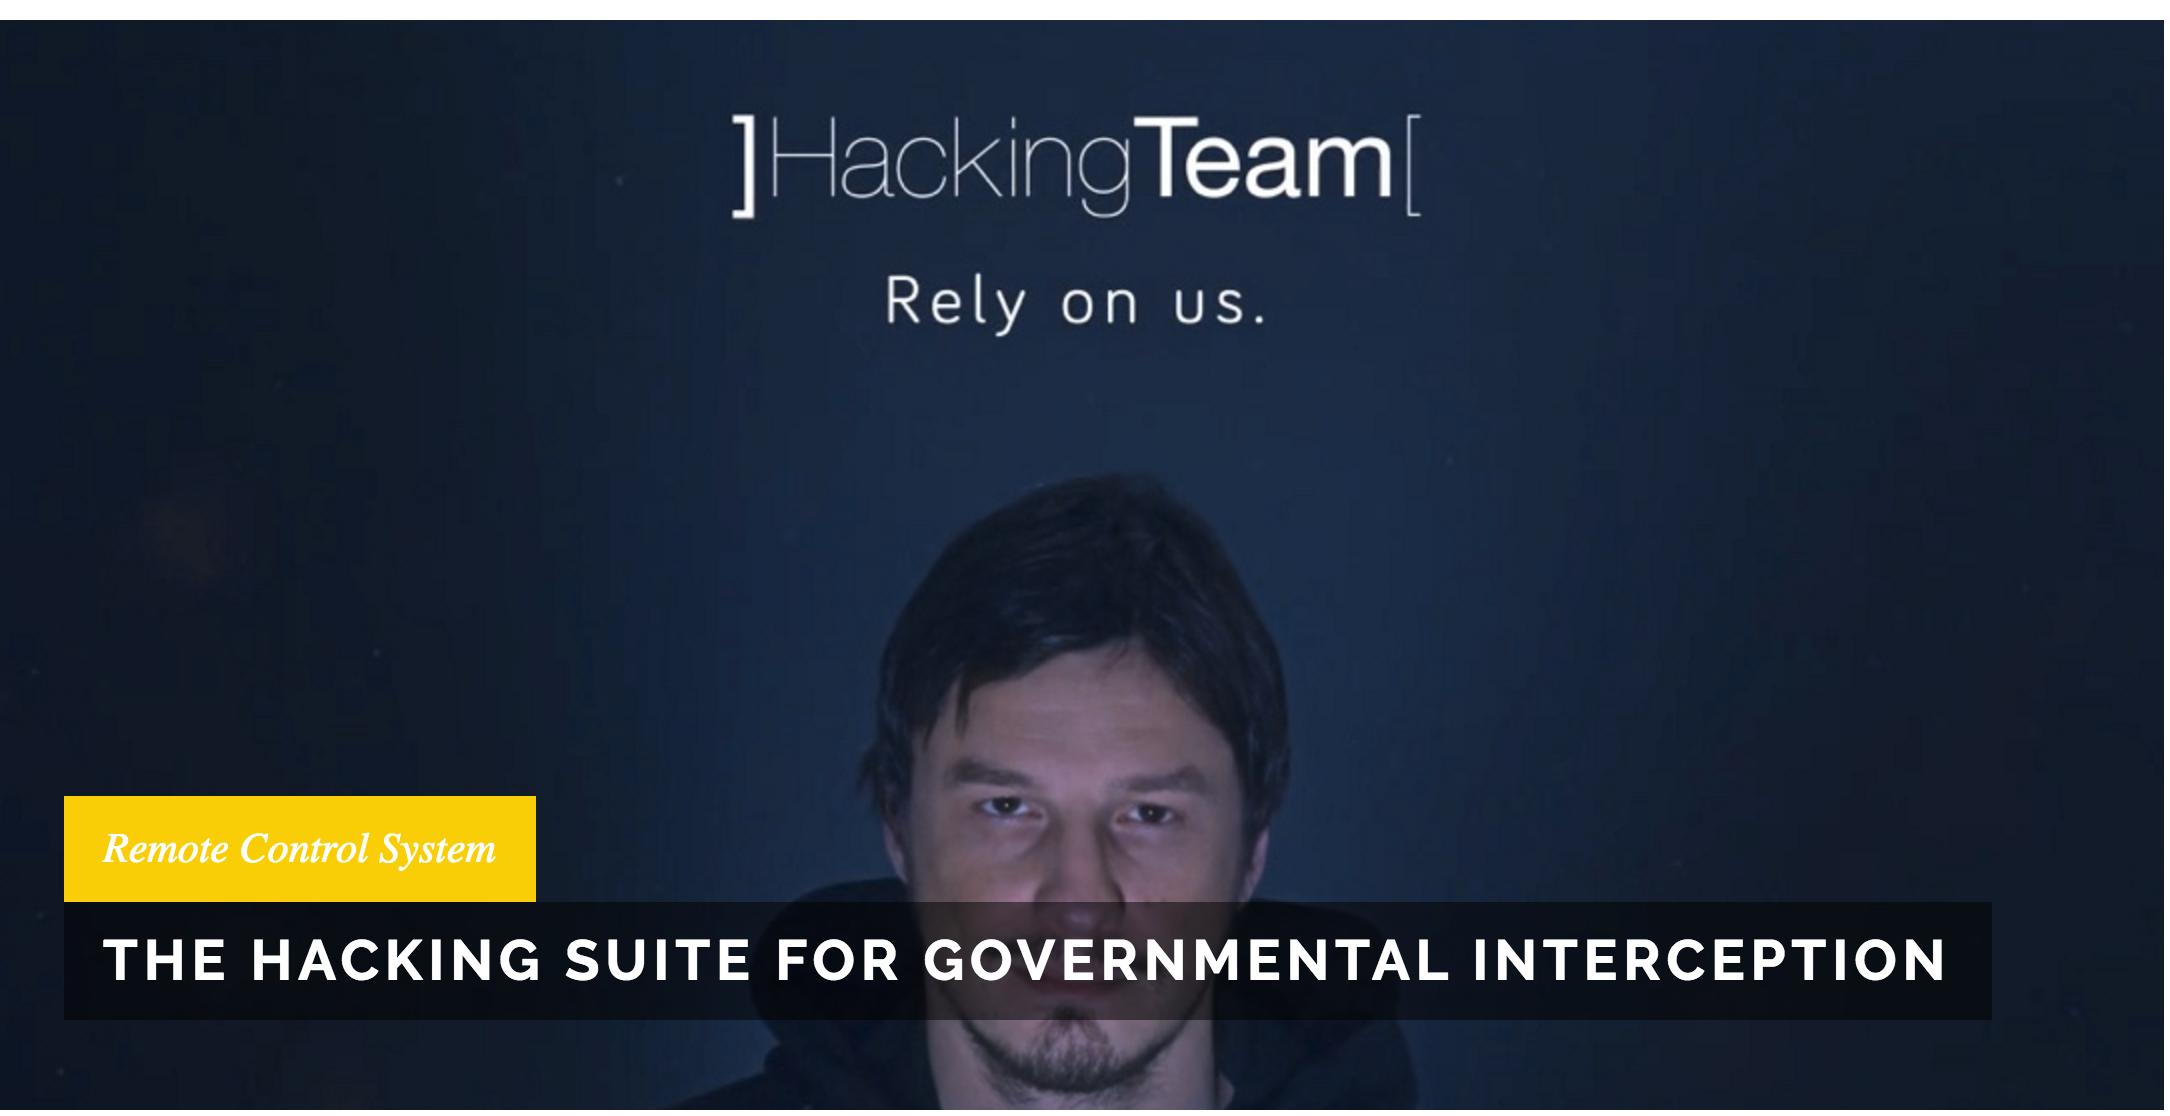 意大利公司黑客團隊(Hacking Team)網頁廣告